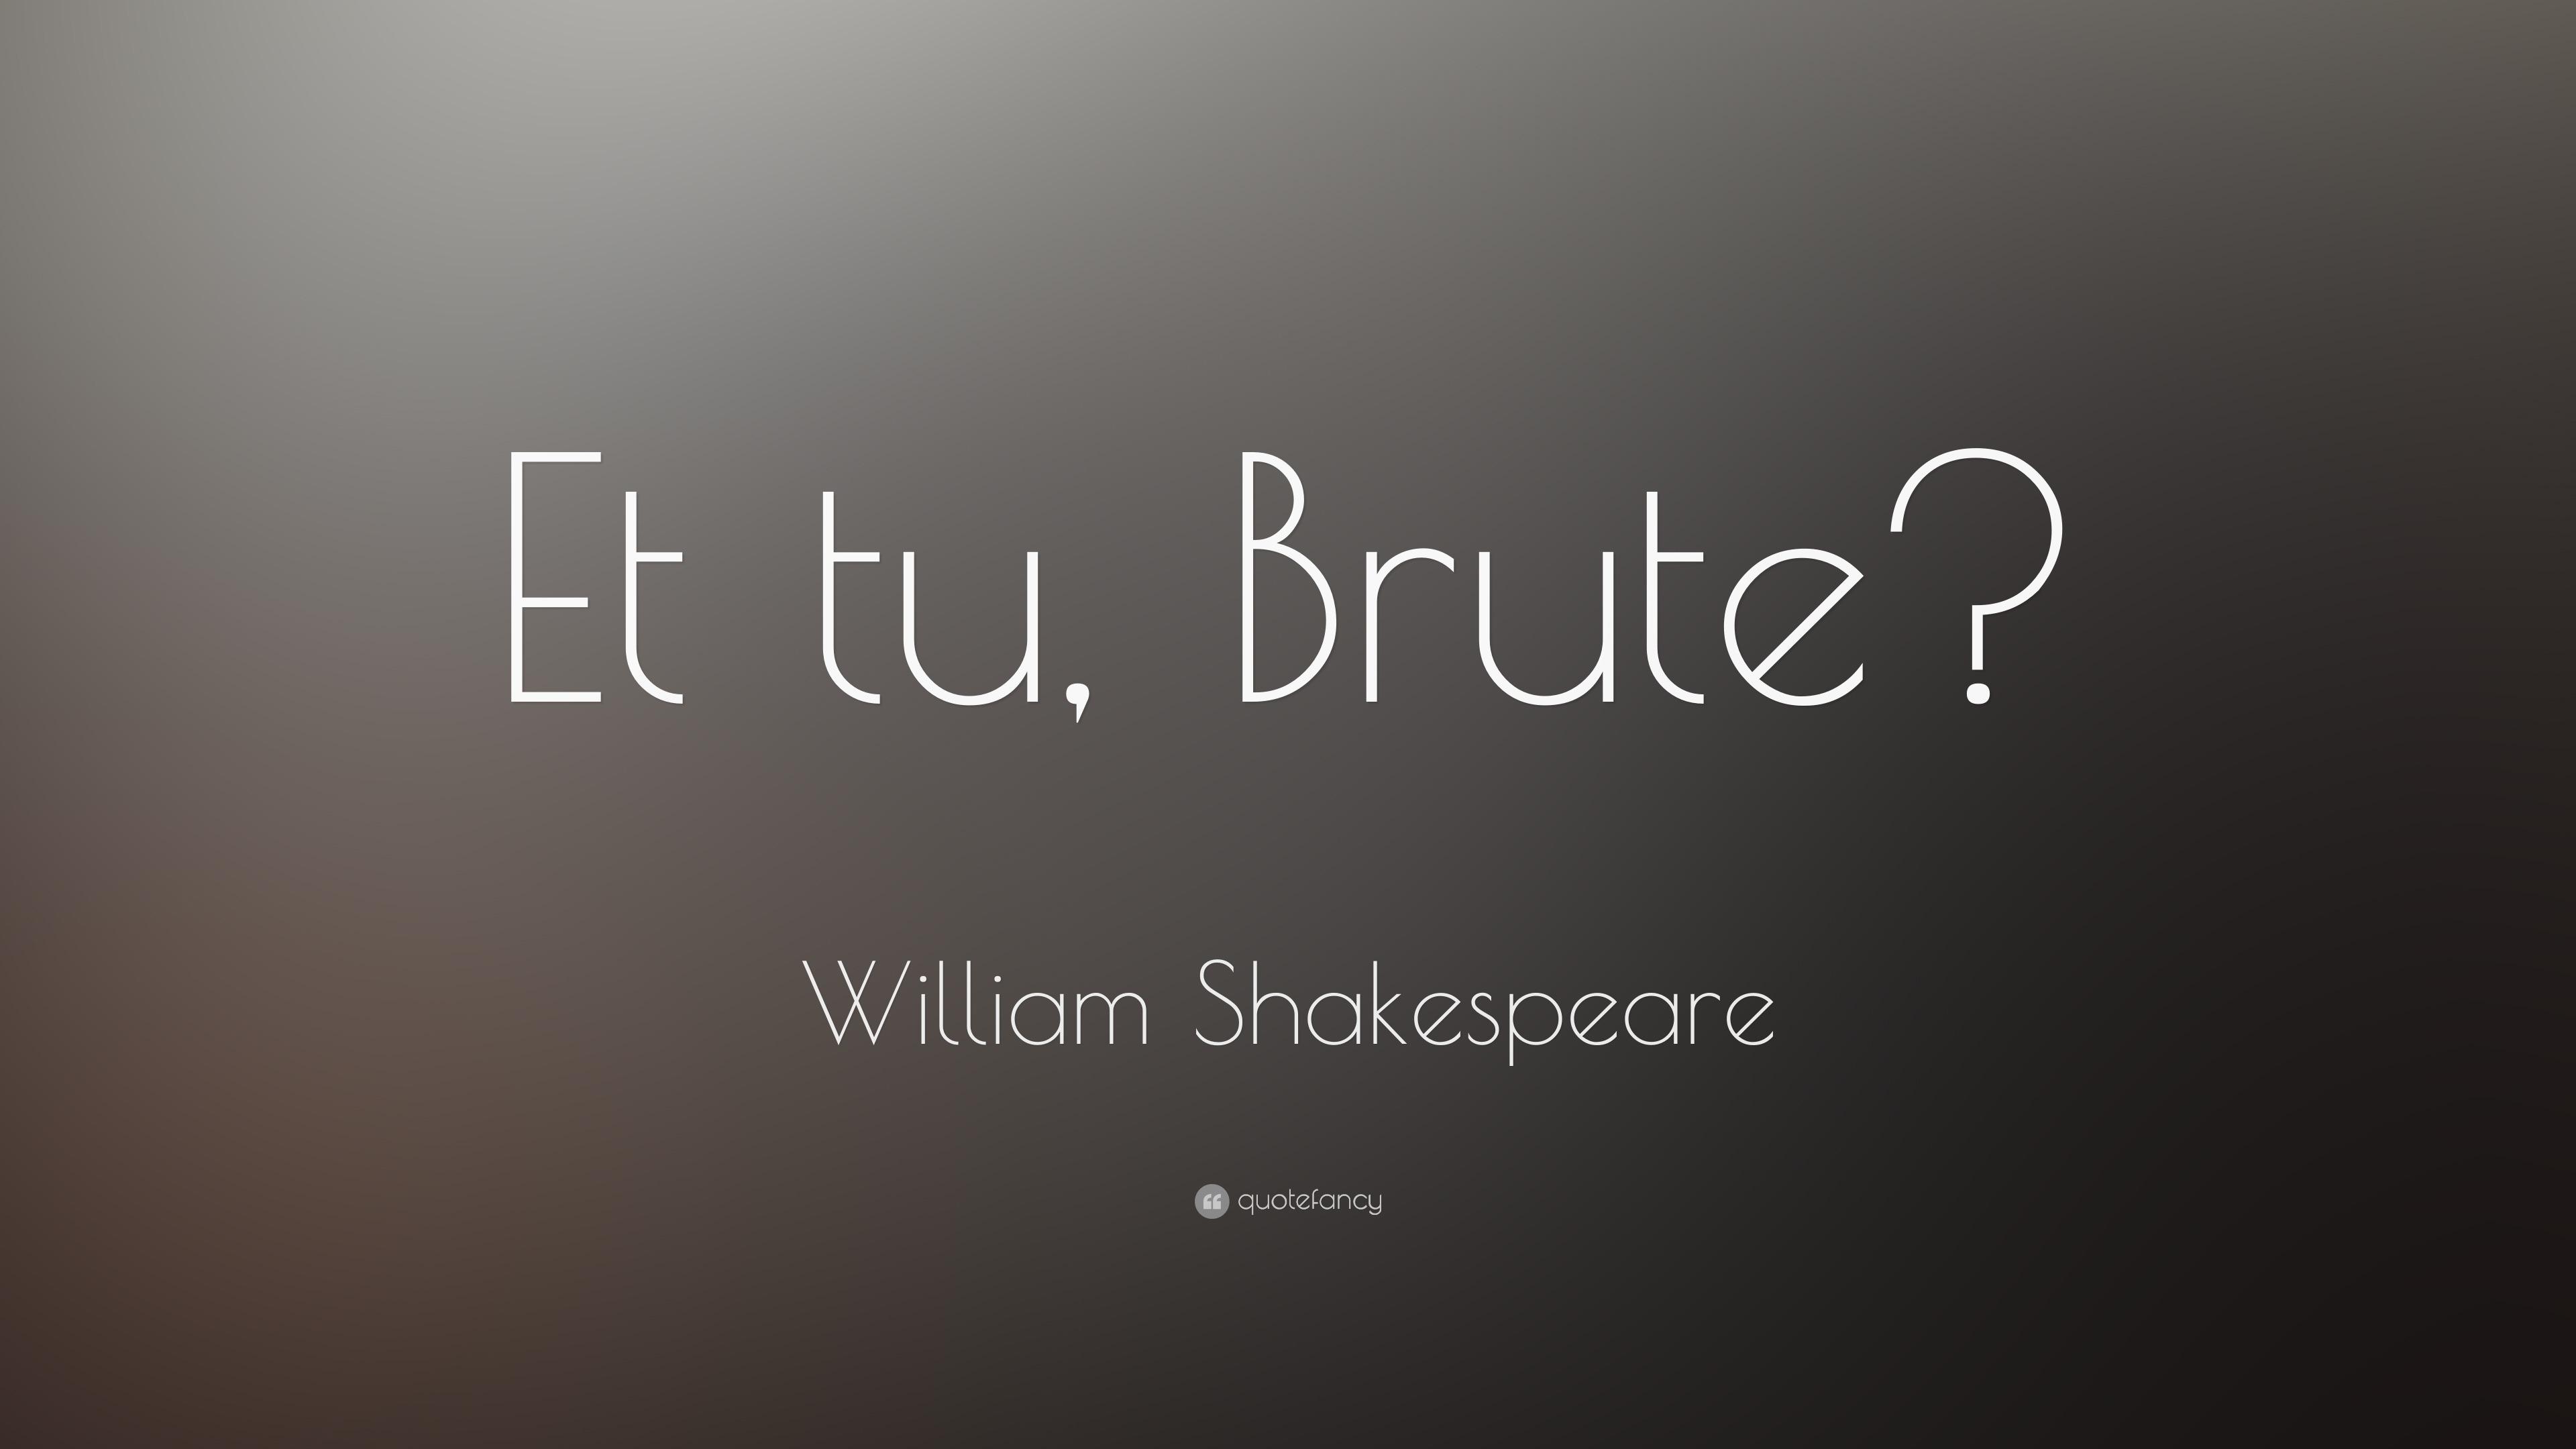 Shakespeare Love Quotes Wallpaper : William Shakespeare Quote: ?Et tu, Brute?? (16 wallpapers) - Quotefancy